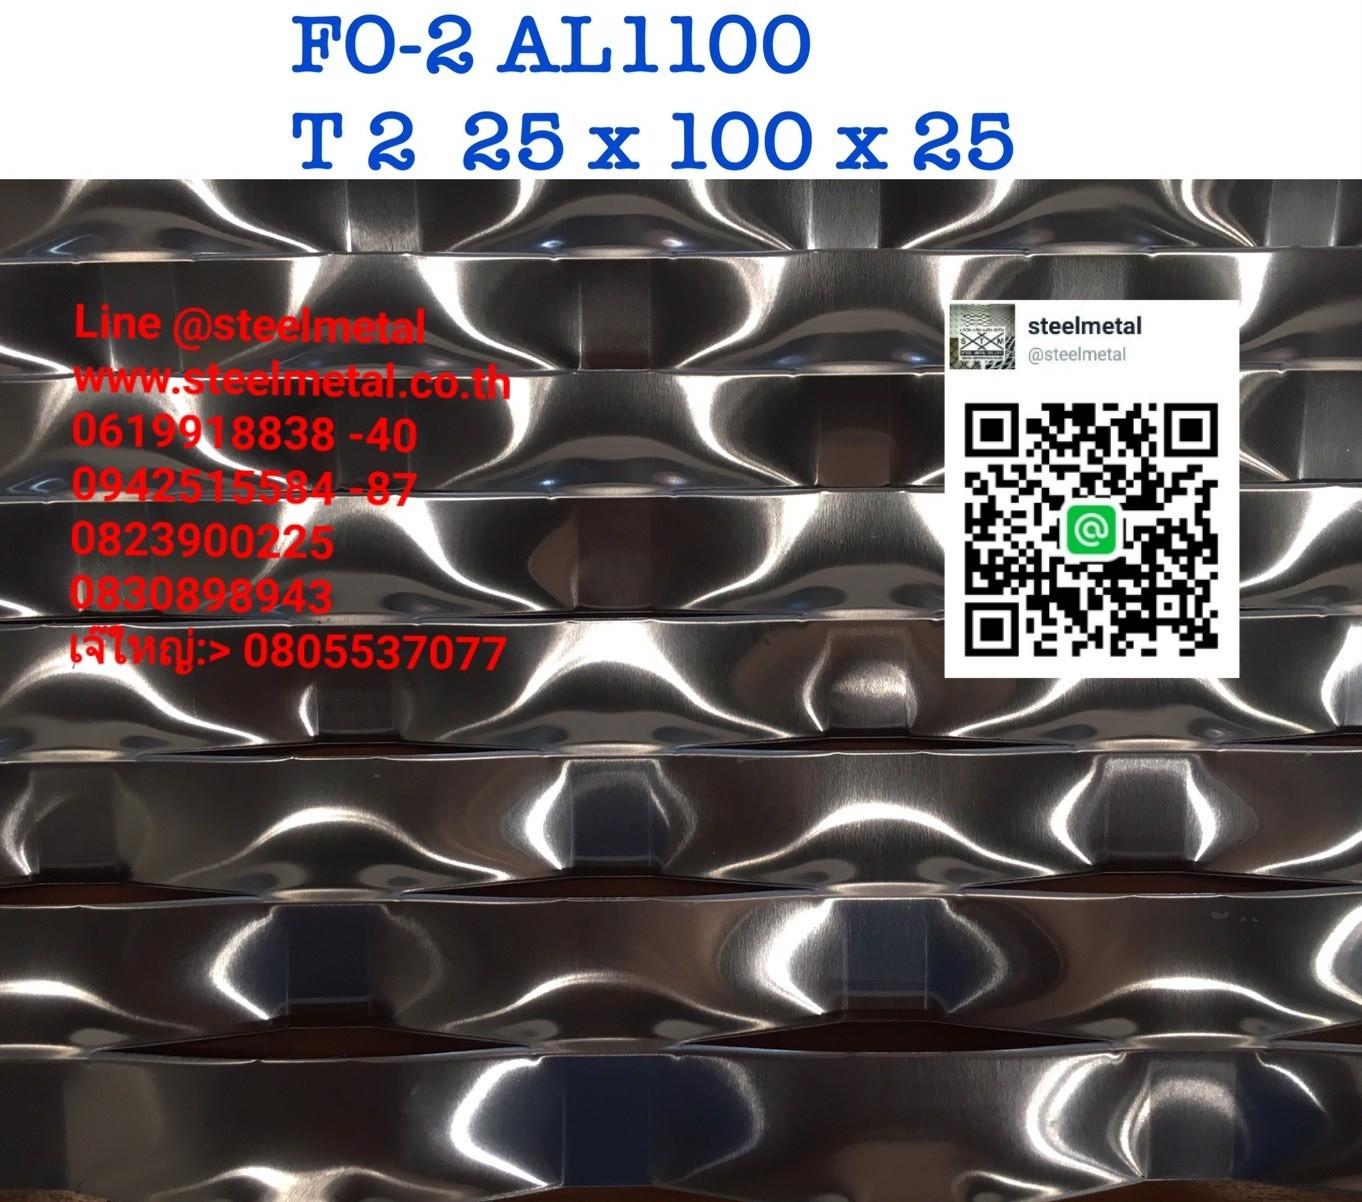 ตะแกรงอลูมิเนียมฉีกFO-2